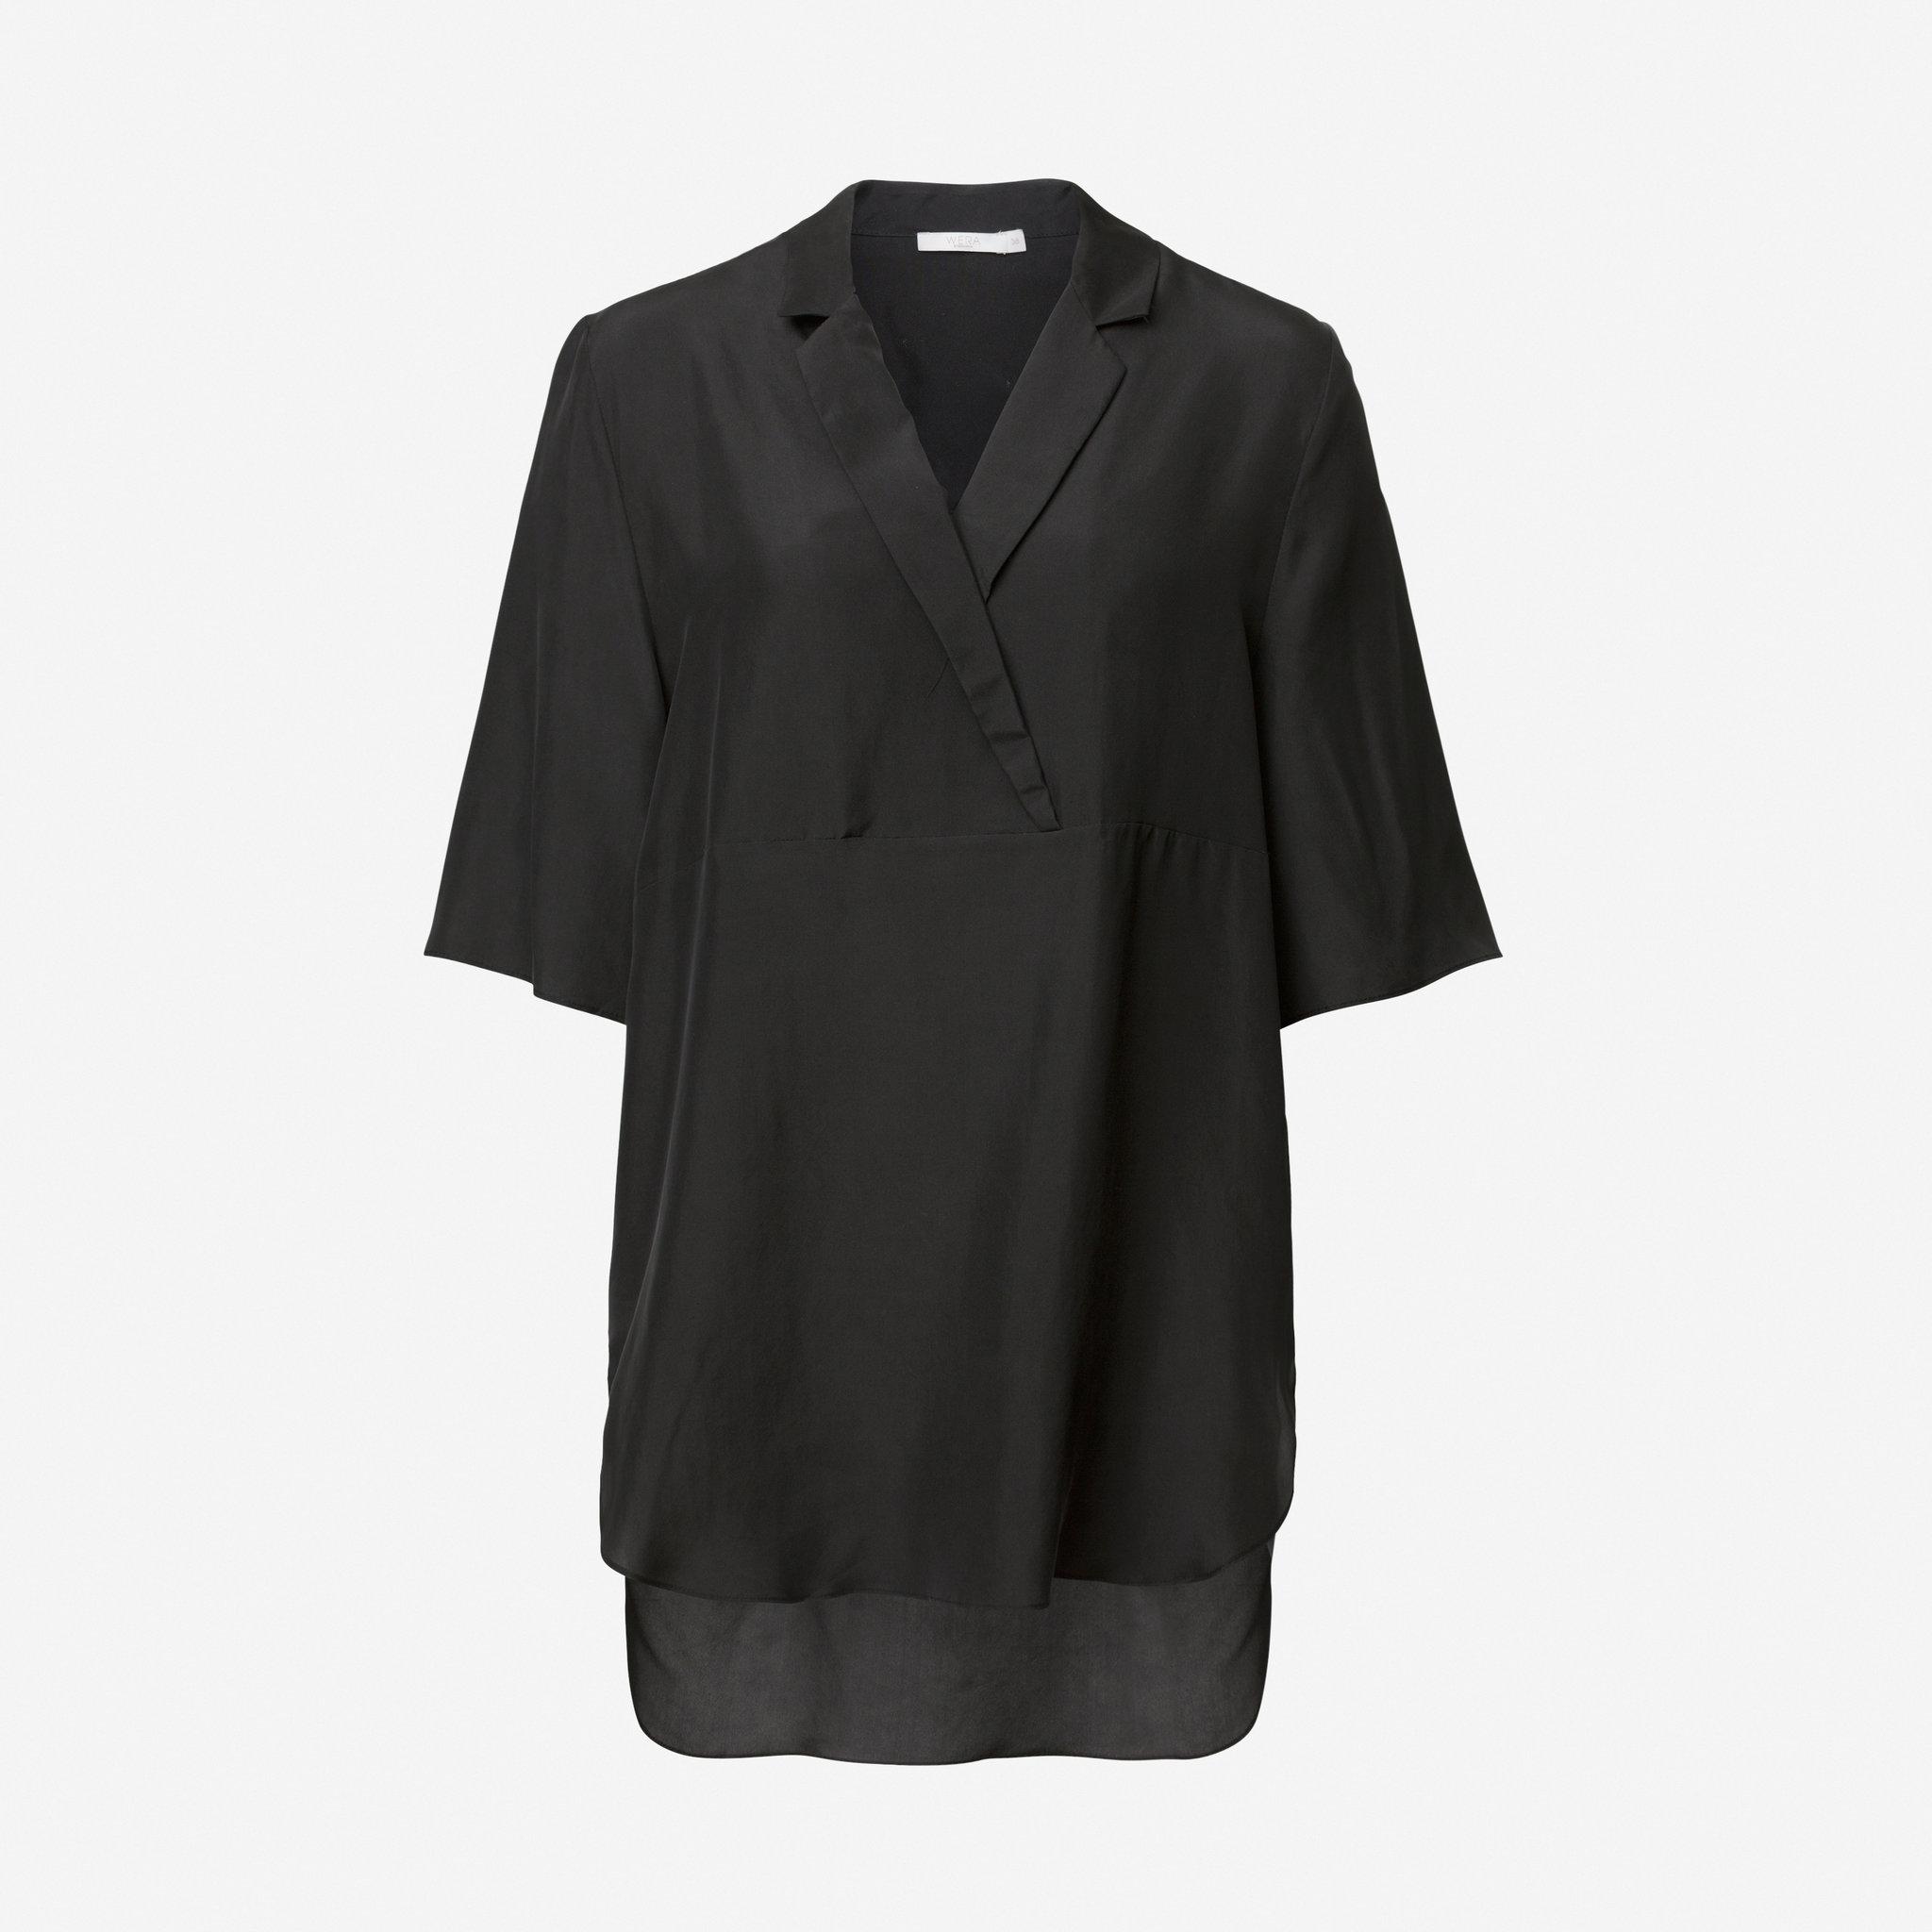 d706d554fd9a Blus i siden - Blusar & skjortor - Köp online på åhlens.se!